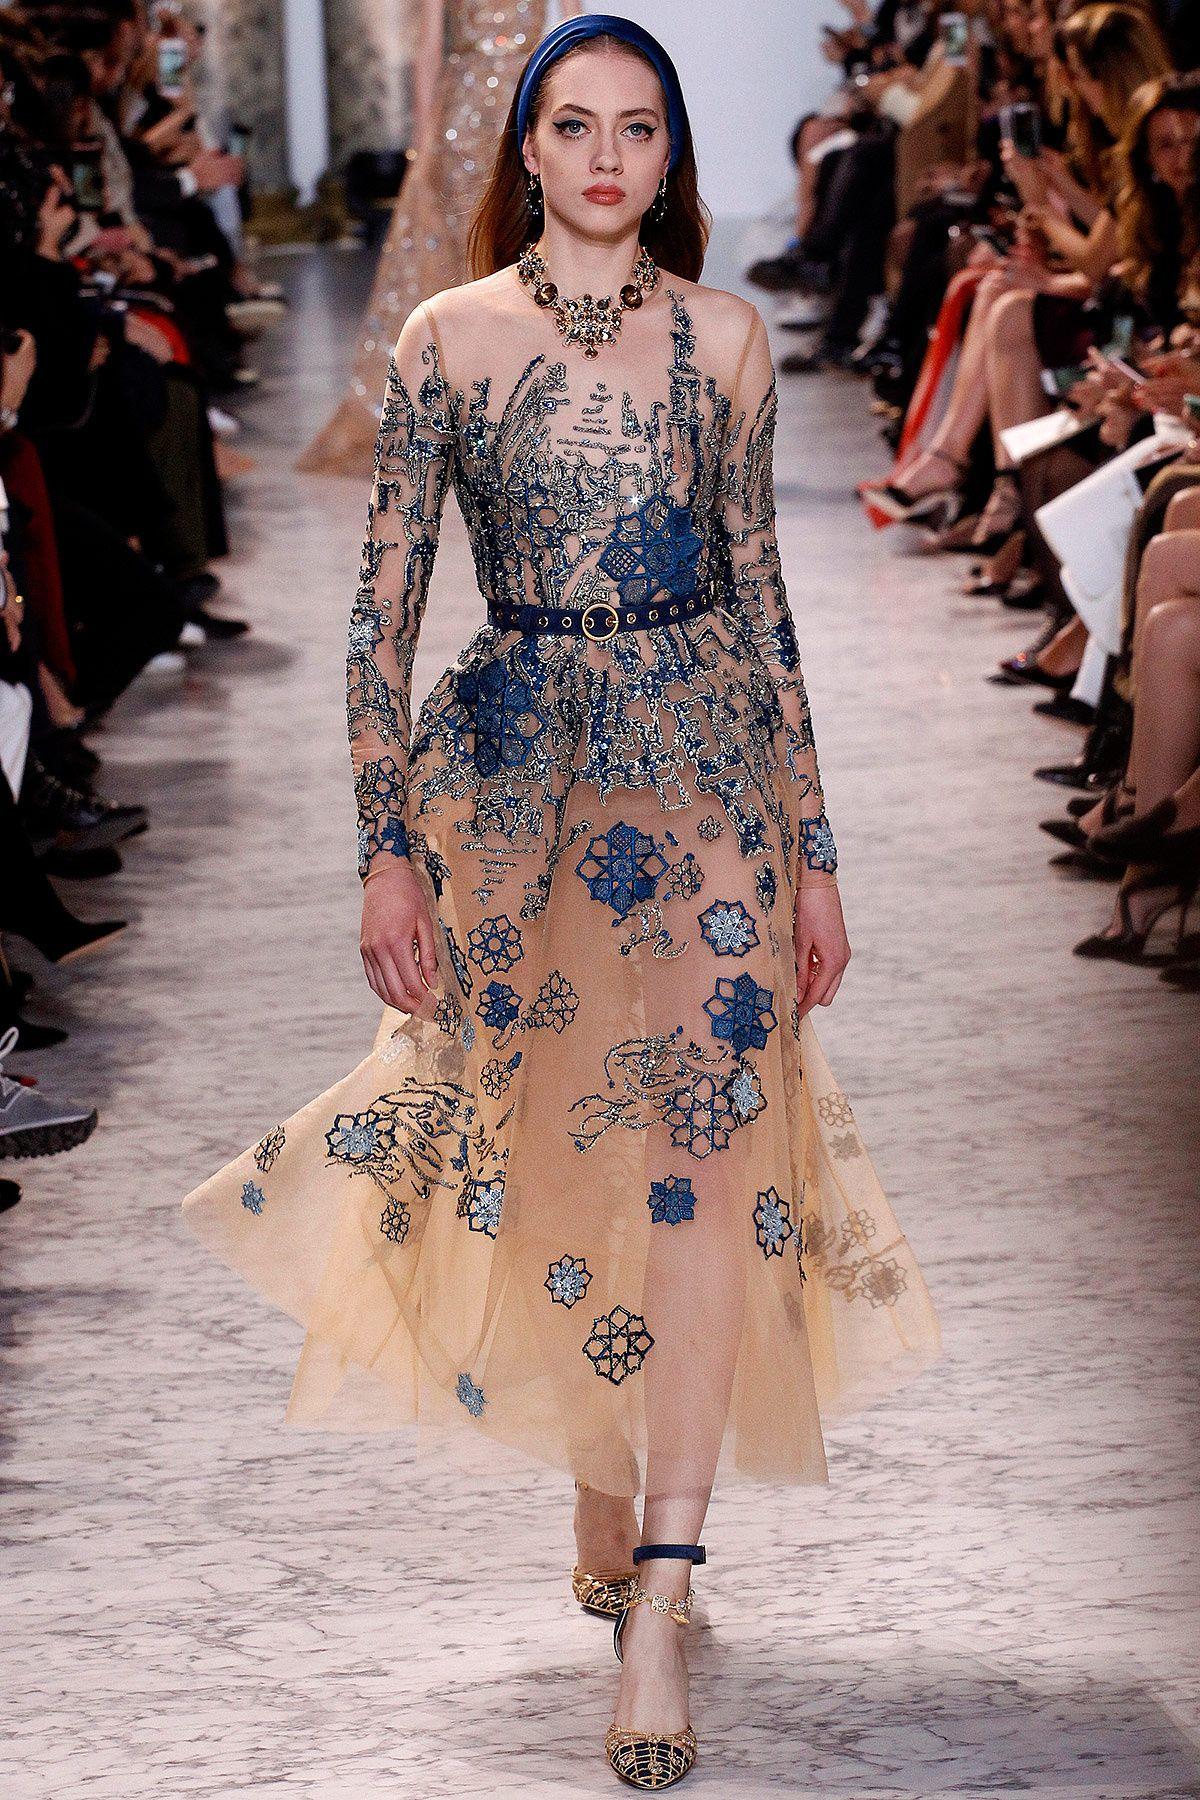 Elie Saab Haute Couture - Pasarela   Galería de fotos 9 de 59   VOGUE 1f21ad85786